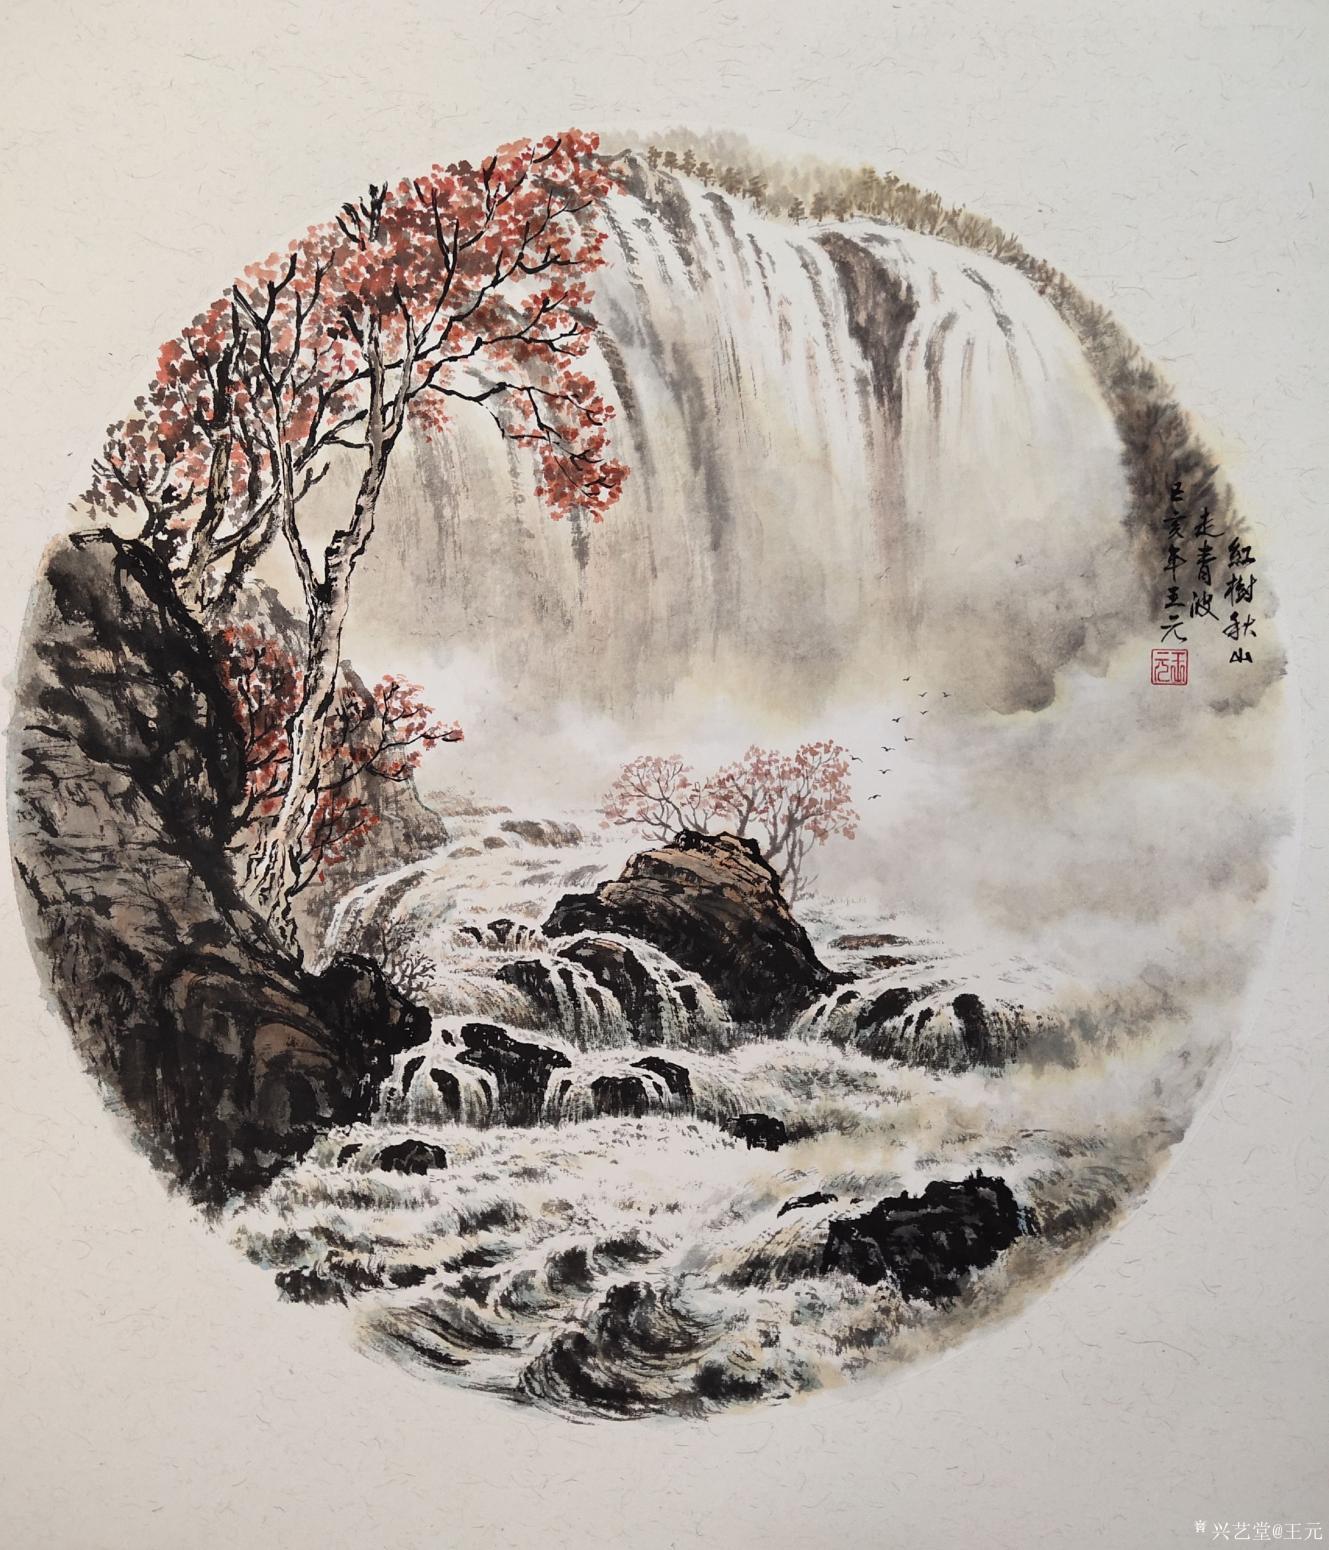 王元国画作品《红树秋山走青波》